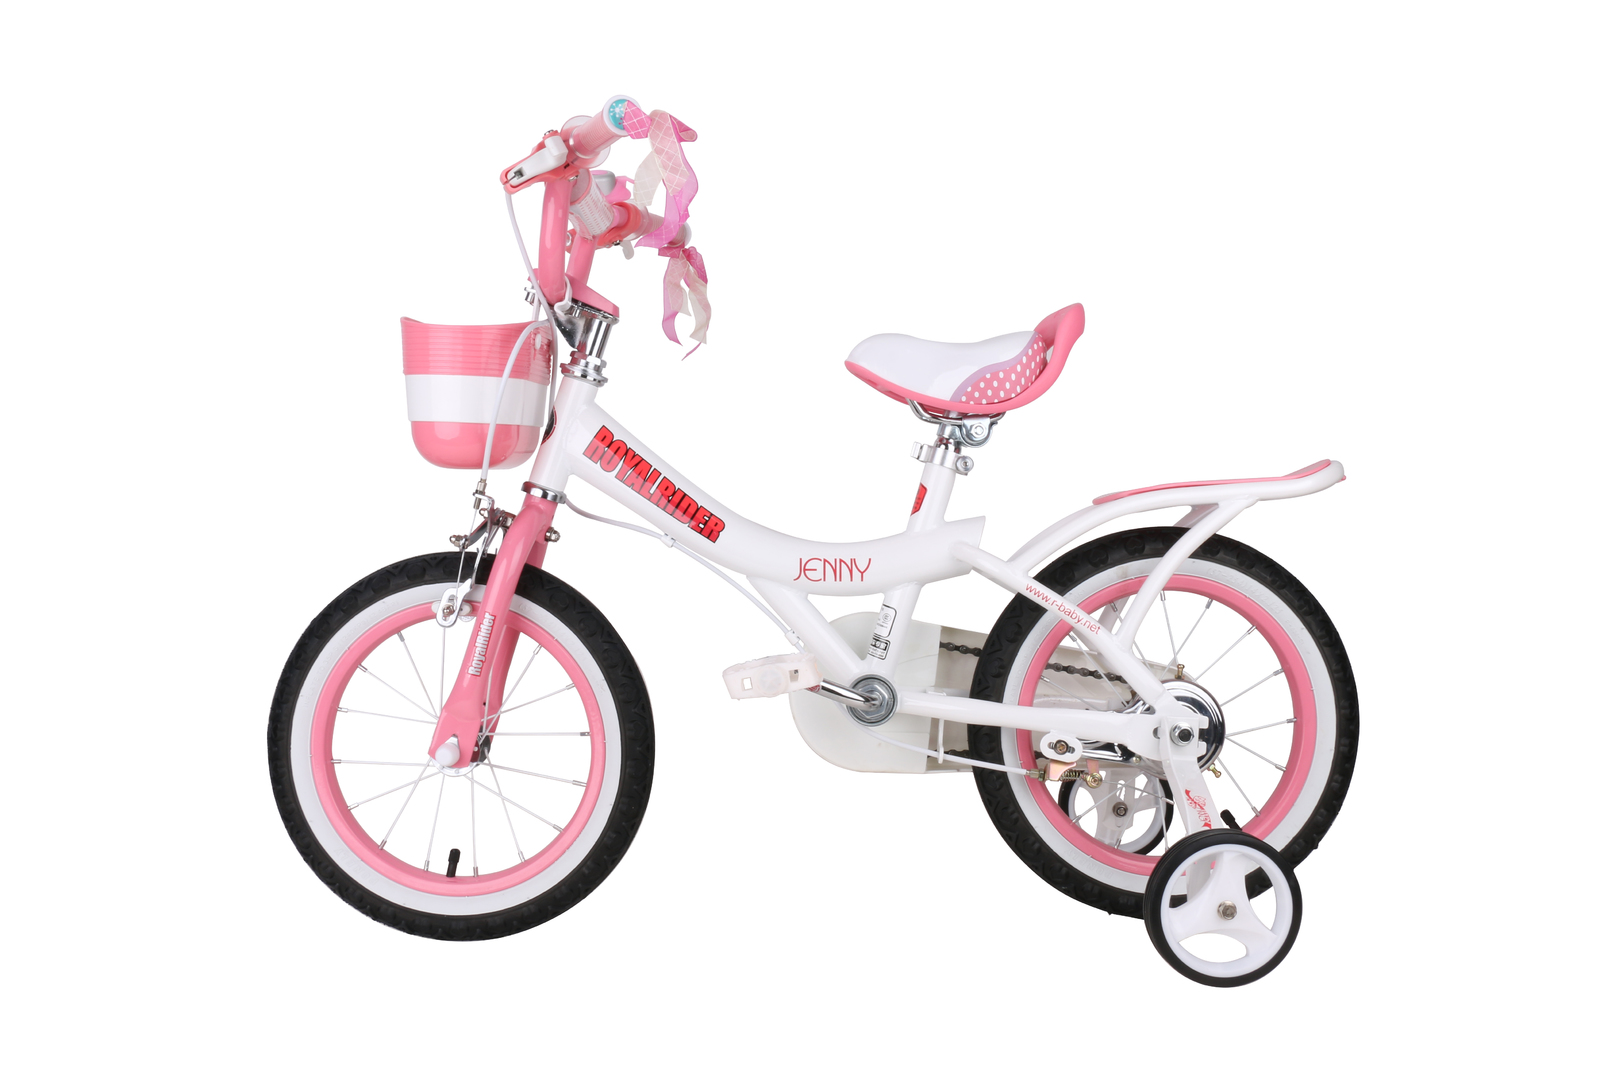 """RoyalBaby: Jenny G-4 - 12"""" Girl's Bike (White) image"""